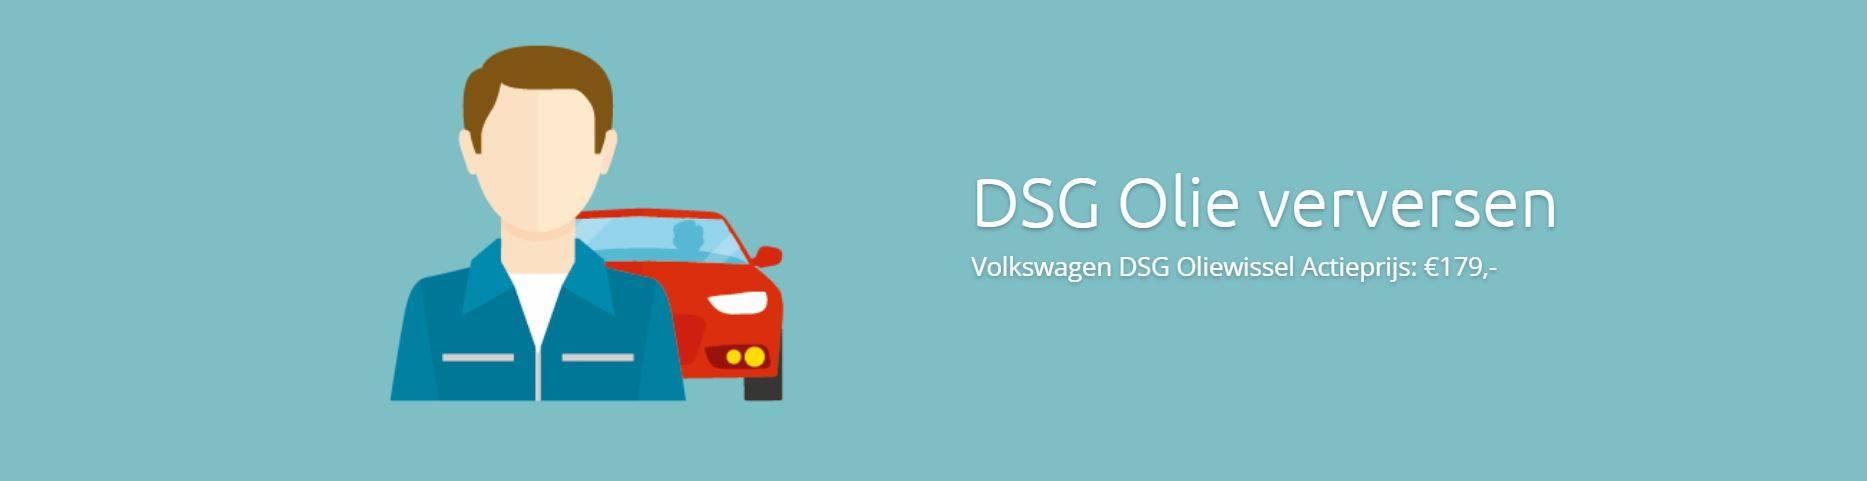 Volkswagen DSG Olie Verversen Volkswagen DSG Olie Verversen Actieprijs €179 oliewissel Volkswagen is bij DSG Service Dealer erg gunstig